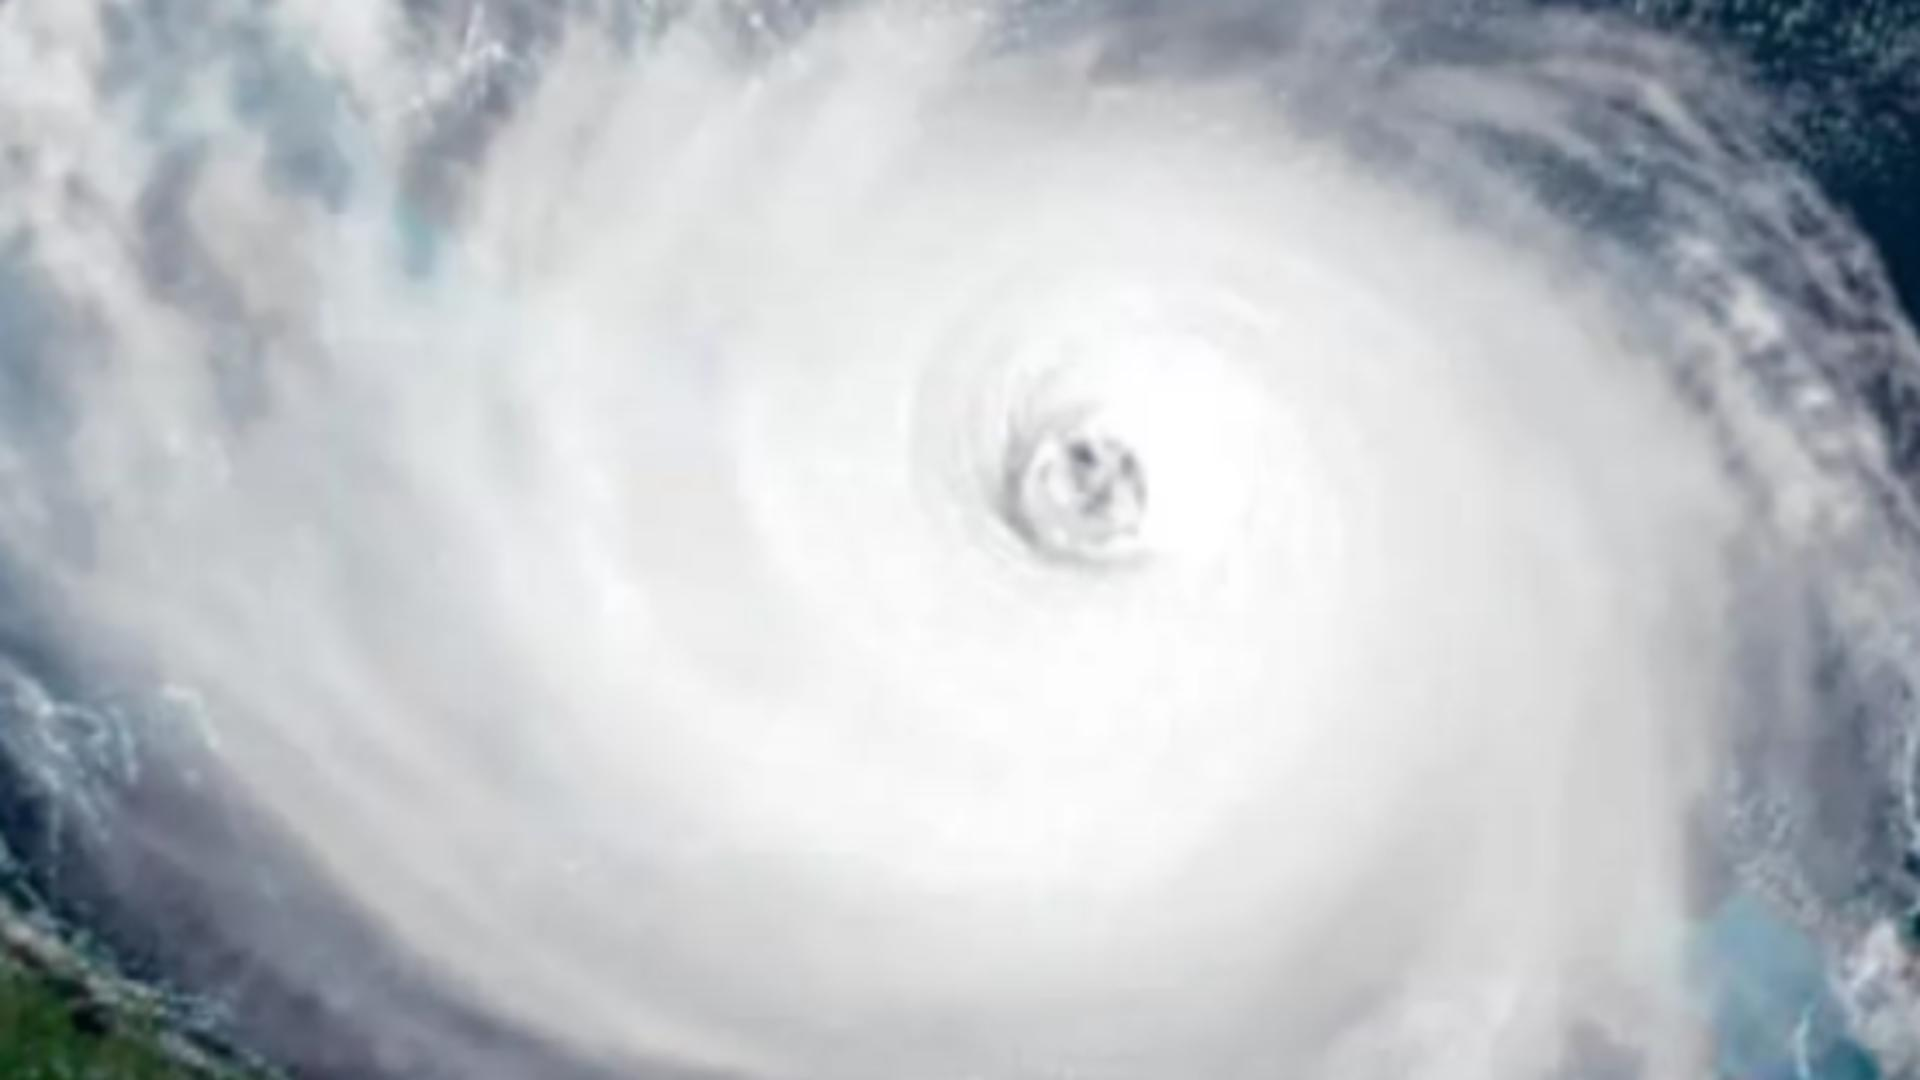 Urganul Elsa - imagine din satelit / Captură foto